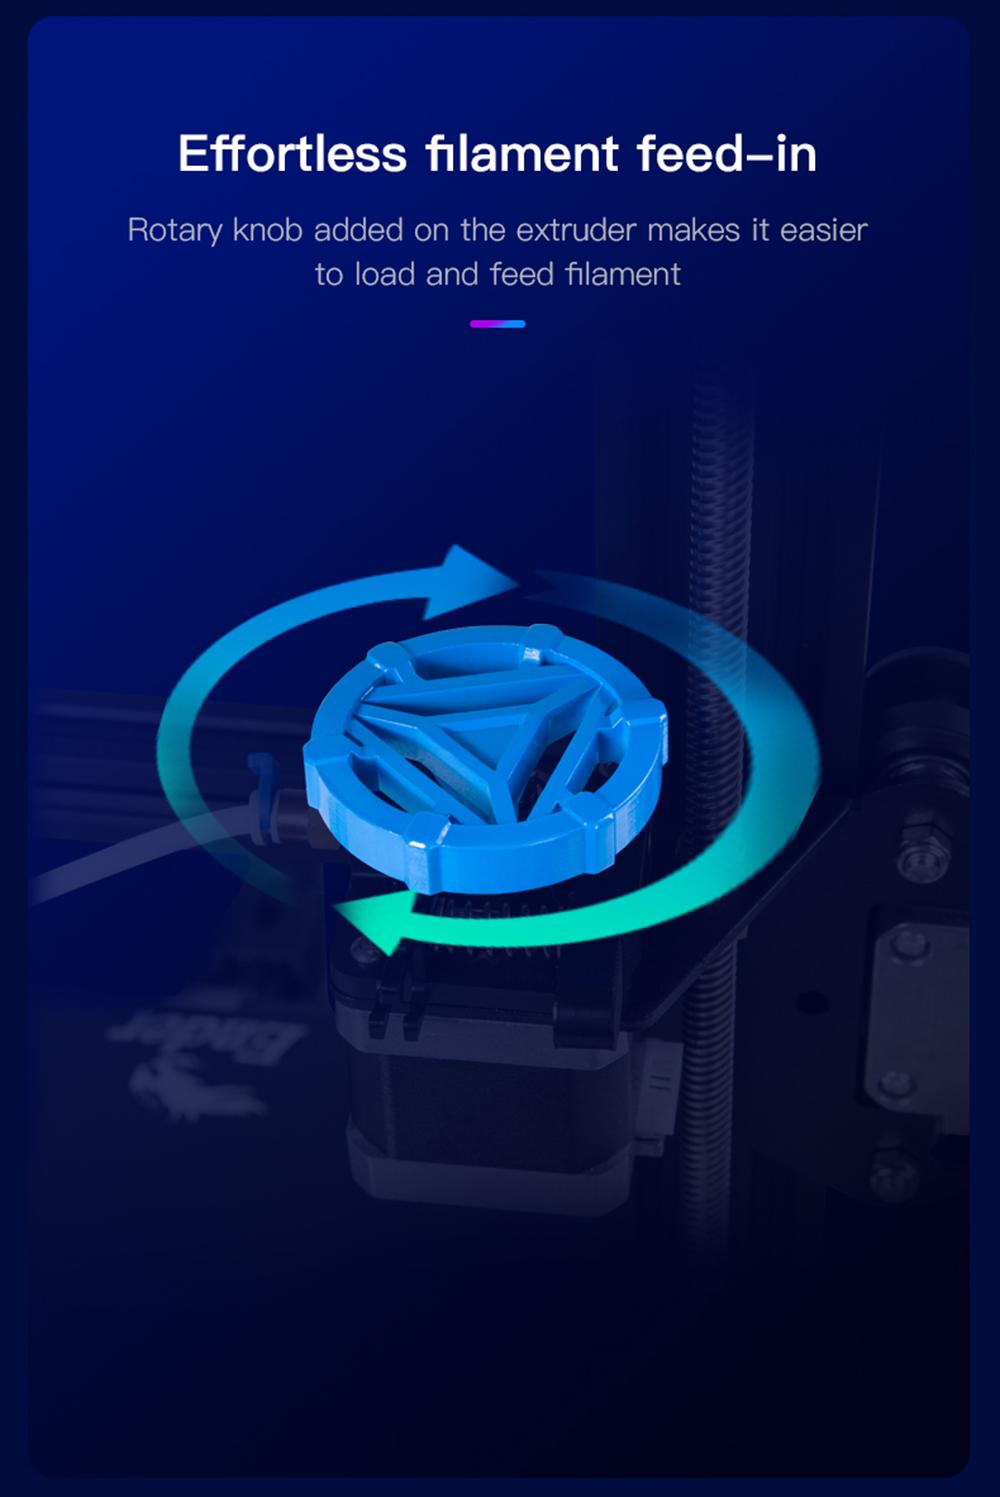 Creality3D Ender 3 V2 3D-Drucker Bausatz - 220x220x250mm - Extruder Drehknopf zur leichteren Filament Zuführung